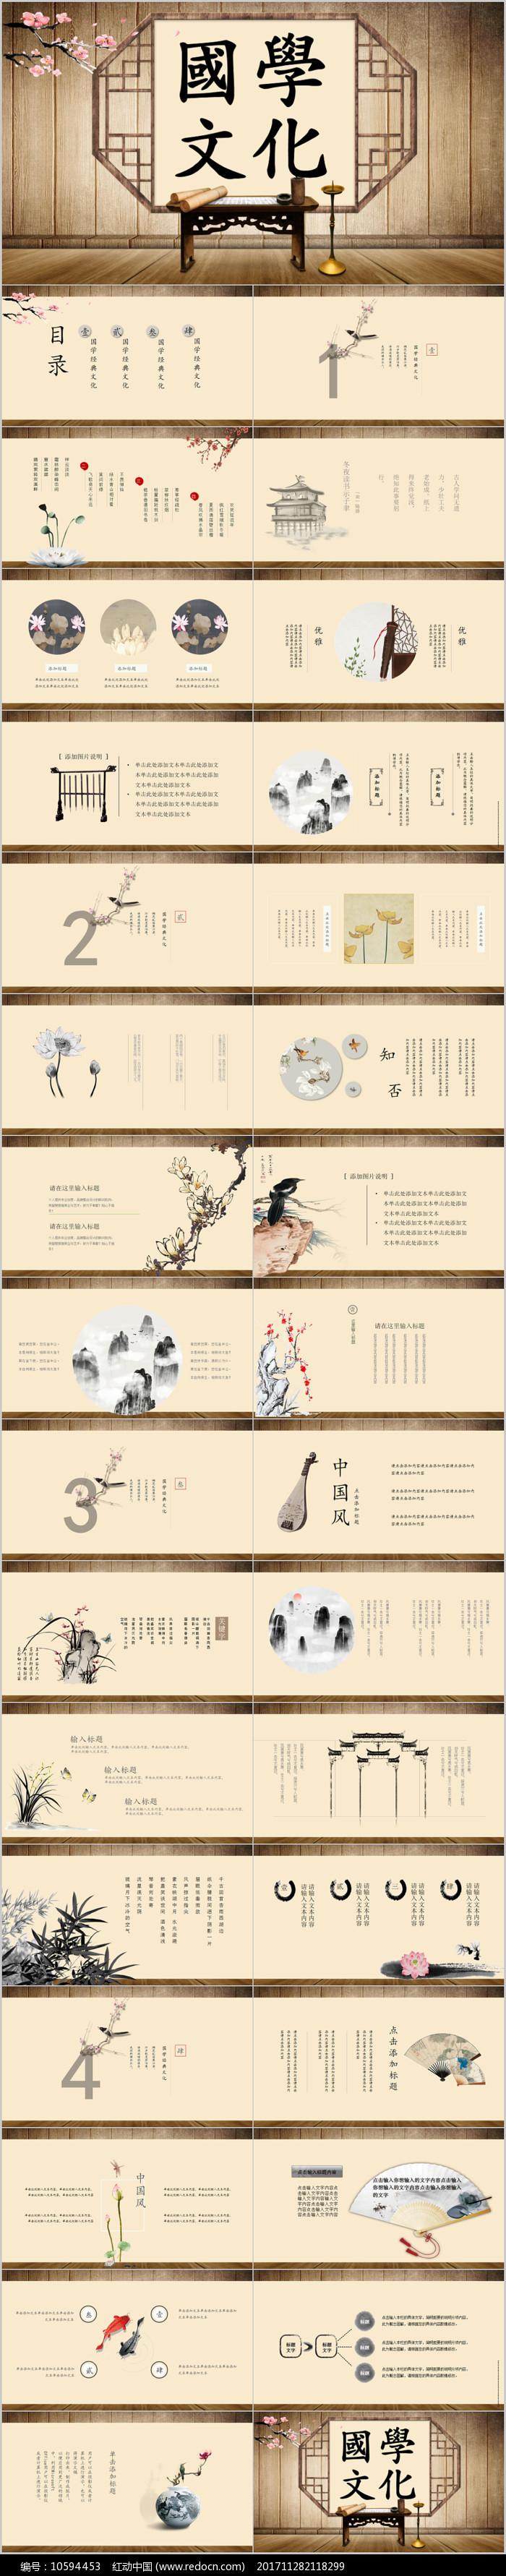 国学文化古风古典古韵水墨中国风PPT模板图片